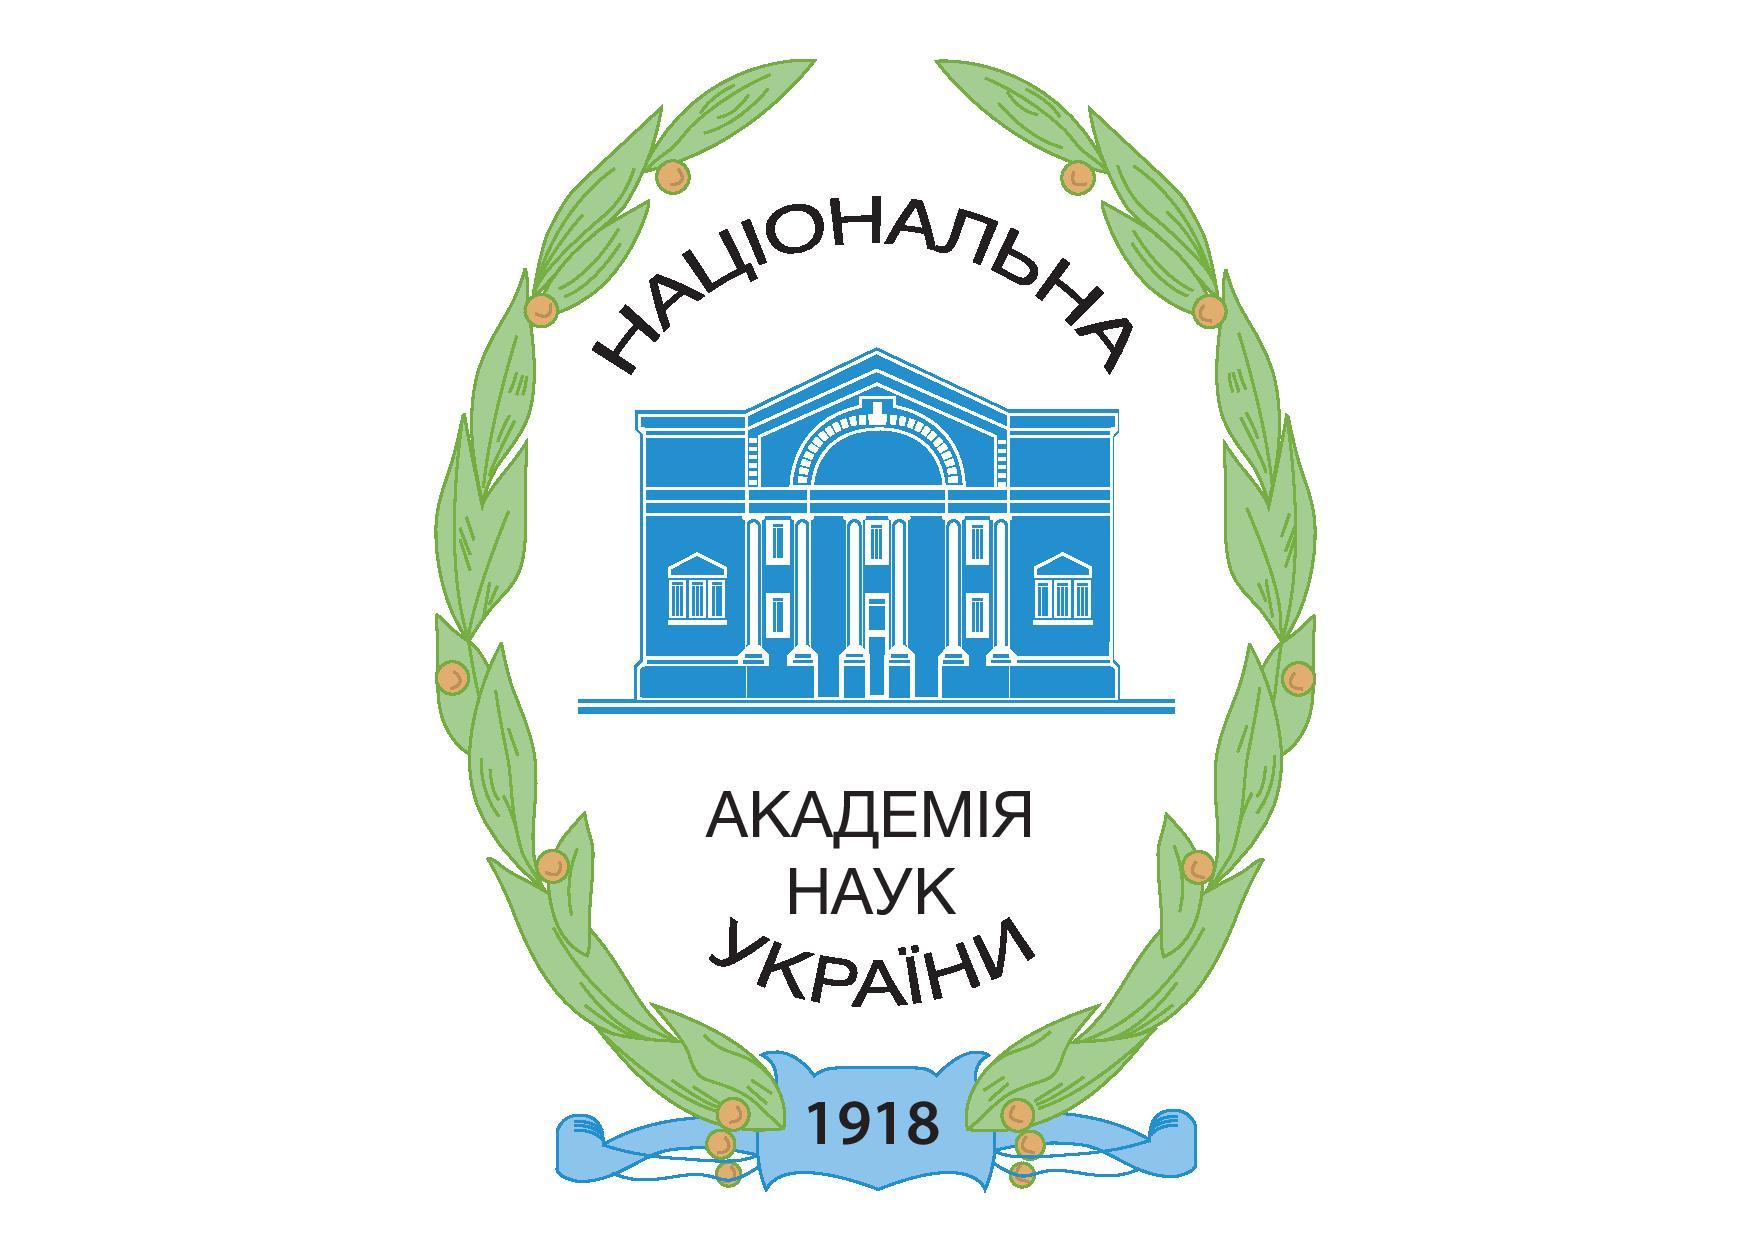 Про конкурс на здобуття премій для студентів вищих навчальних закладів і молодих учених, що присуджуються Національною академією наук України у 2019 році